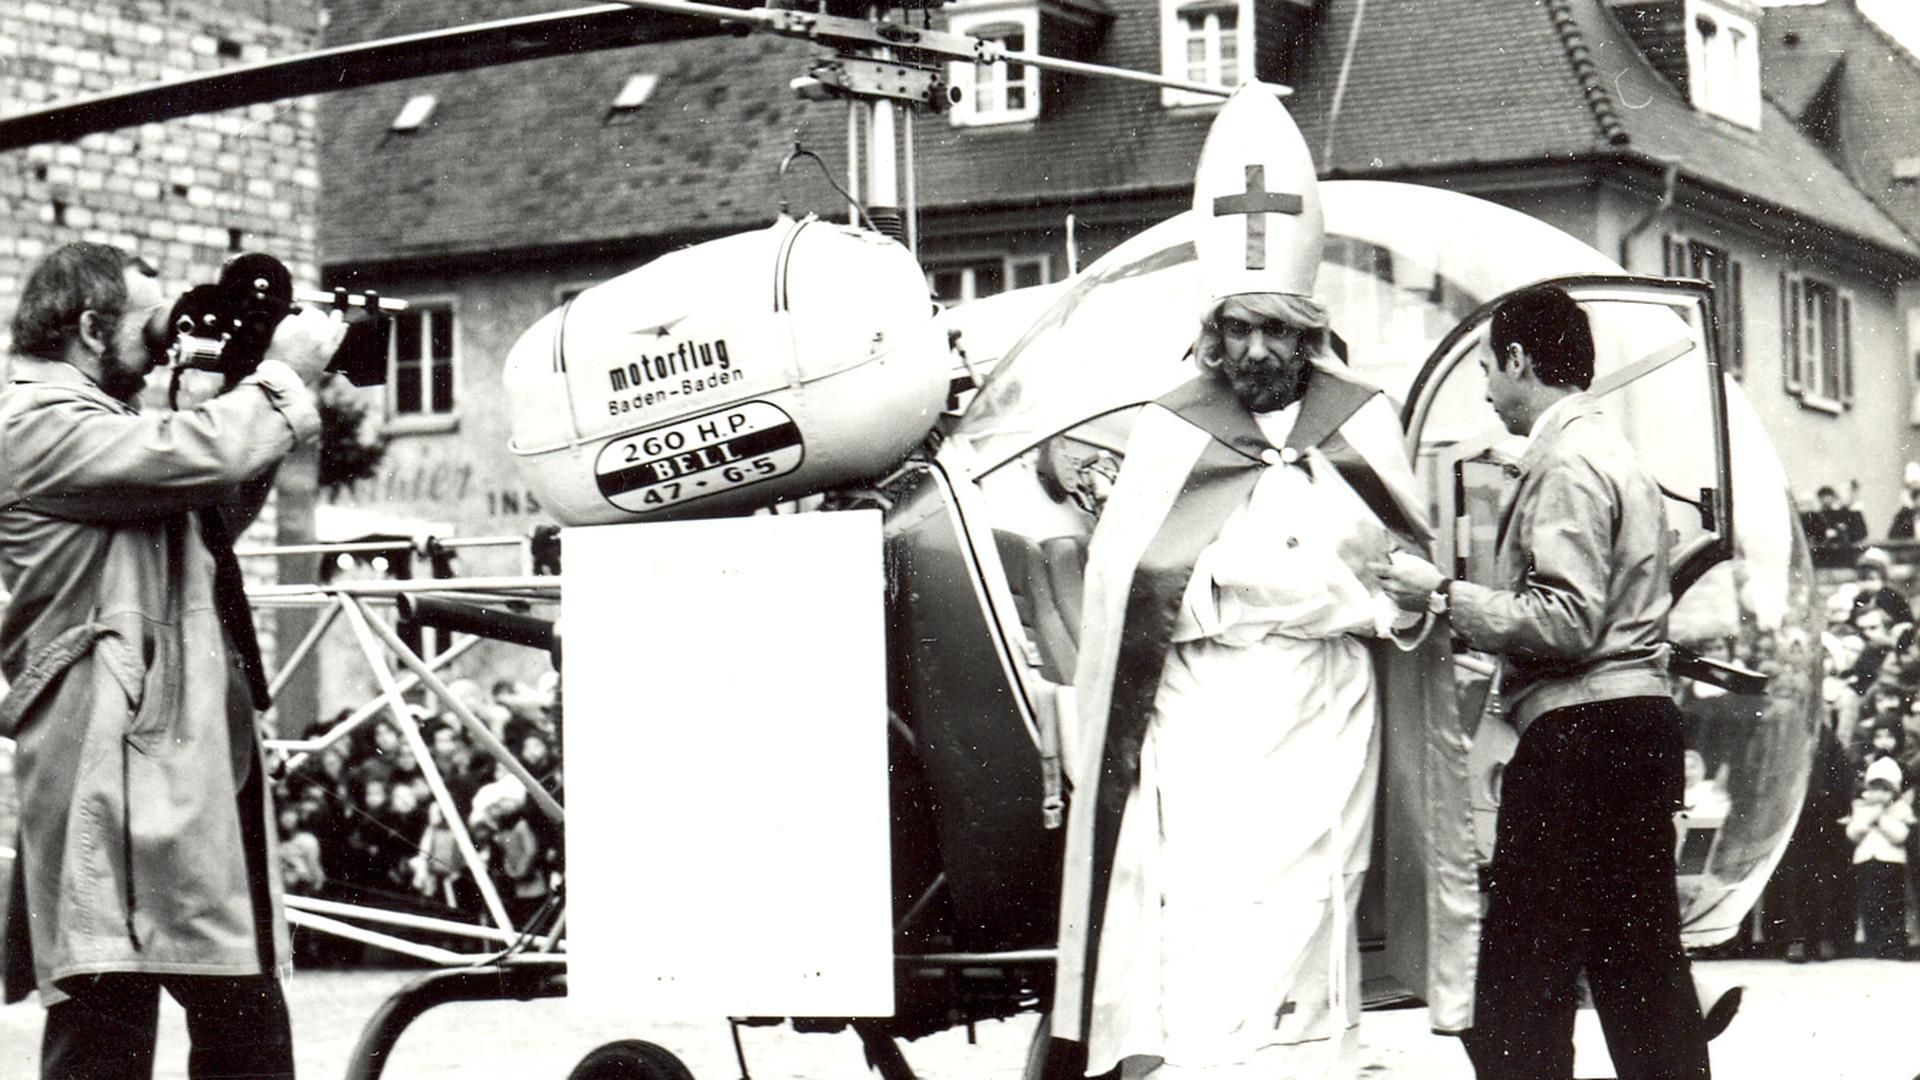 Beim ersten Bruchsaler Weihnachtsmarkt 1971 landet ein Hubschrauber in der Stadt. An Bord istrder damalige Intendant der Badischen Landesbühne Alf André im Nikolauskostüm.